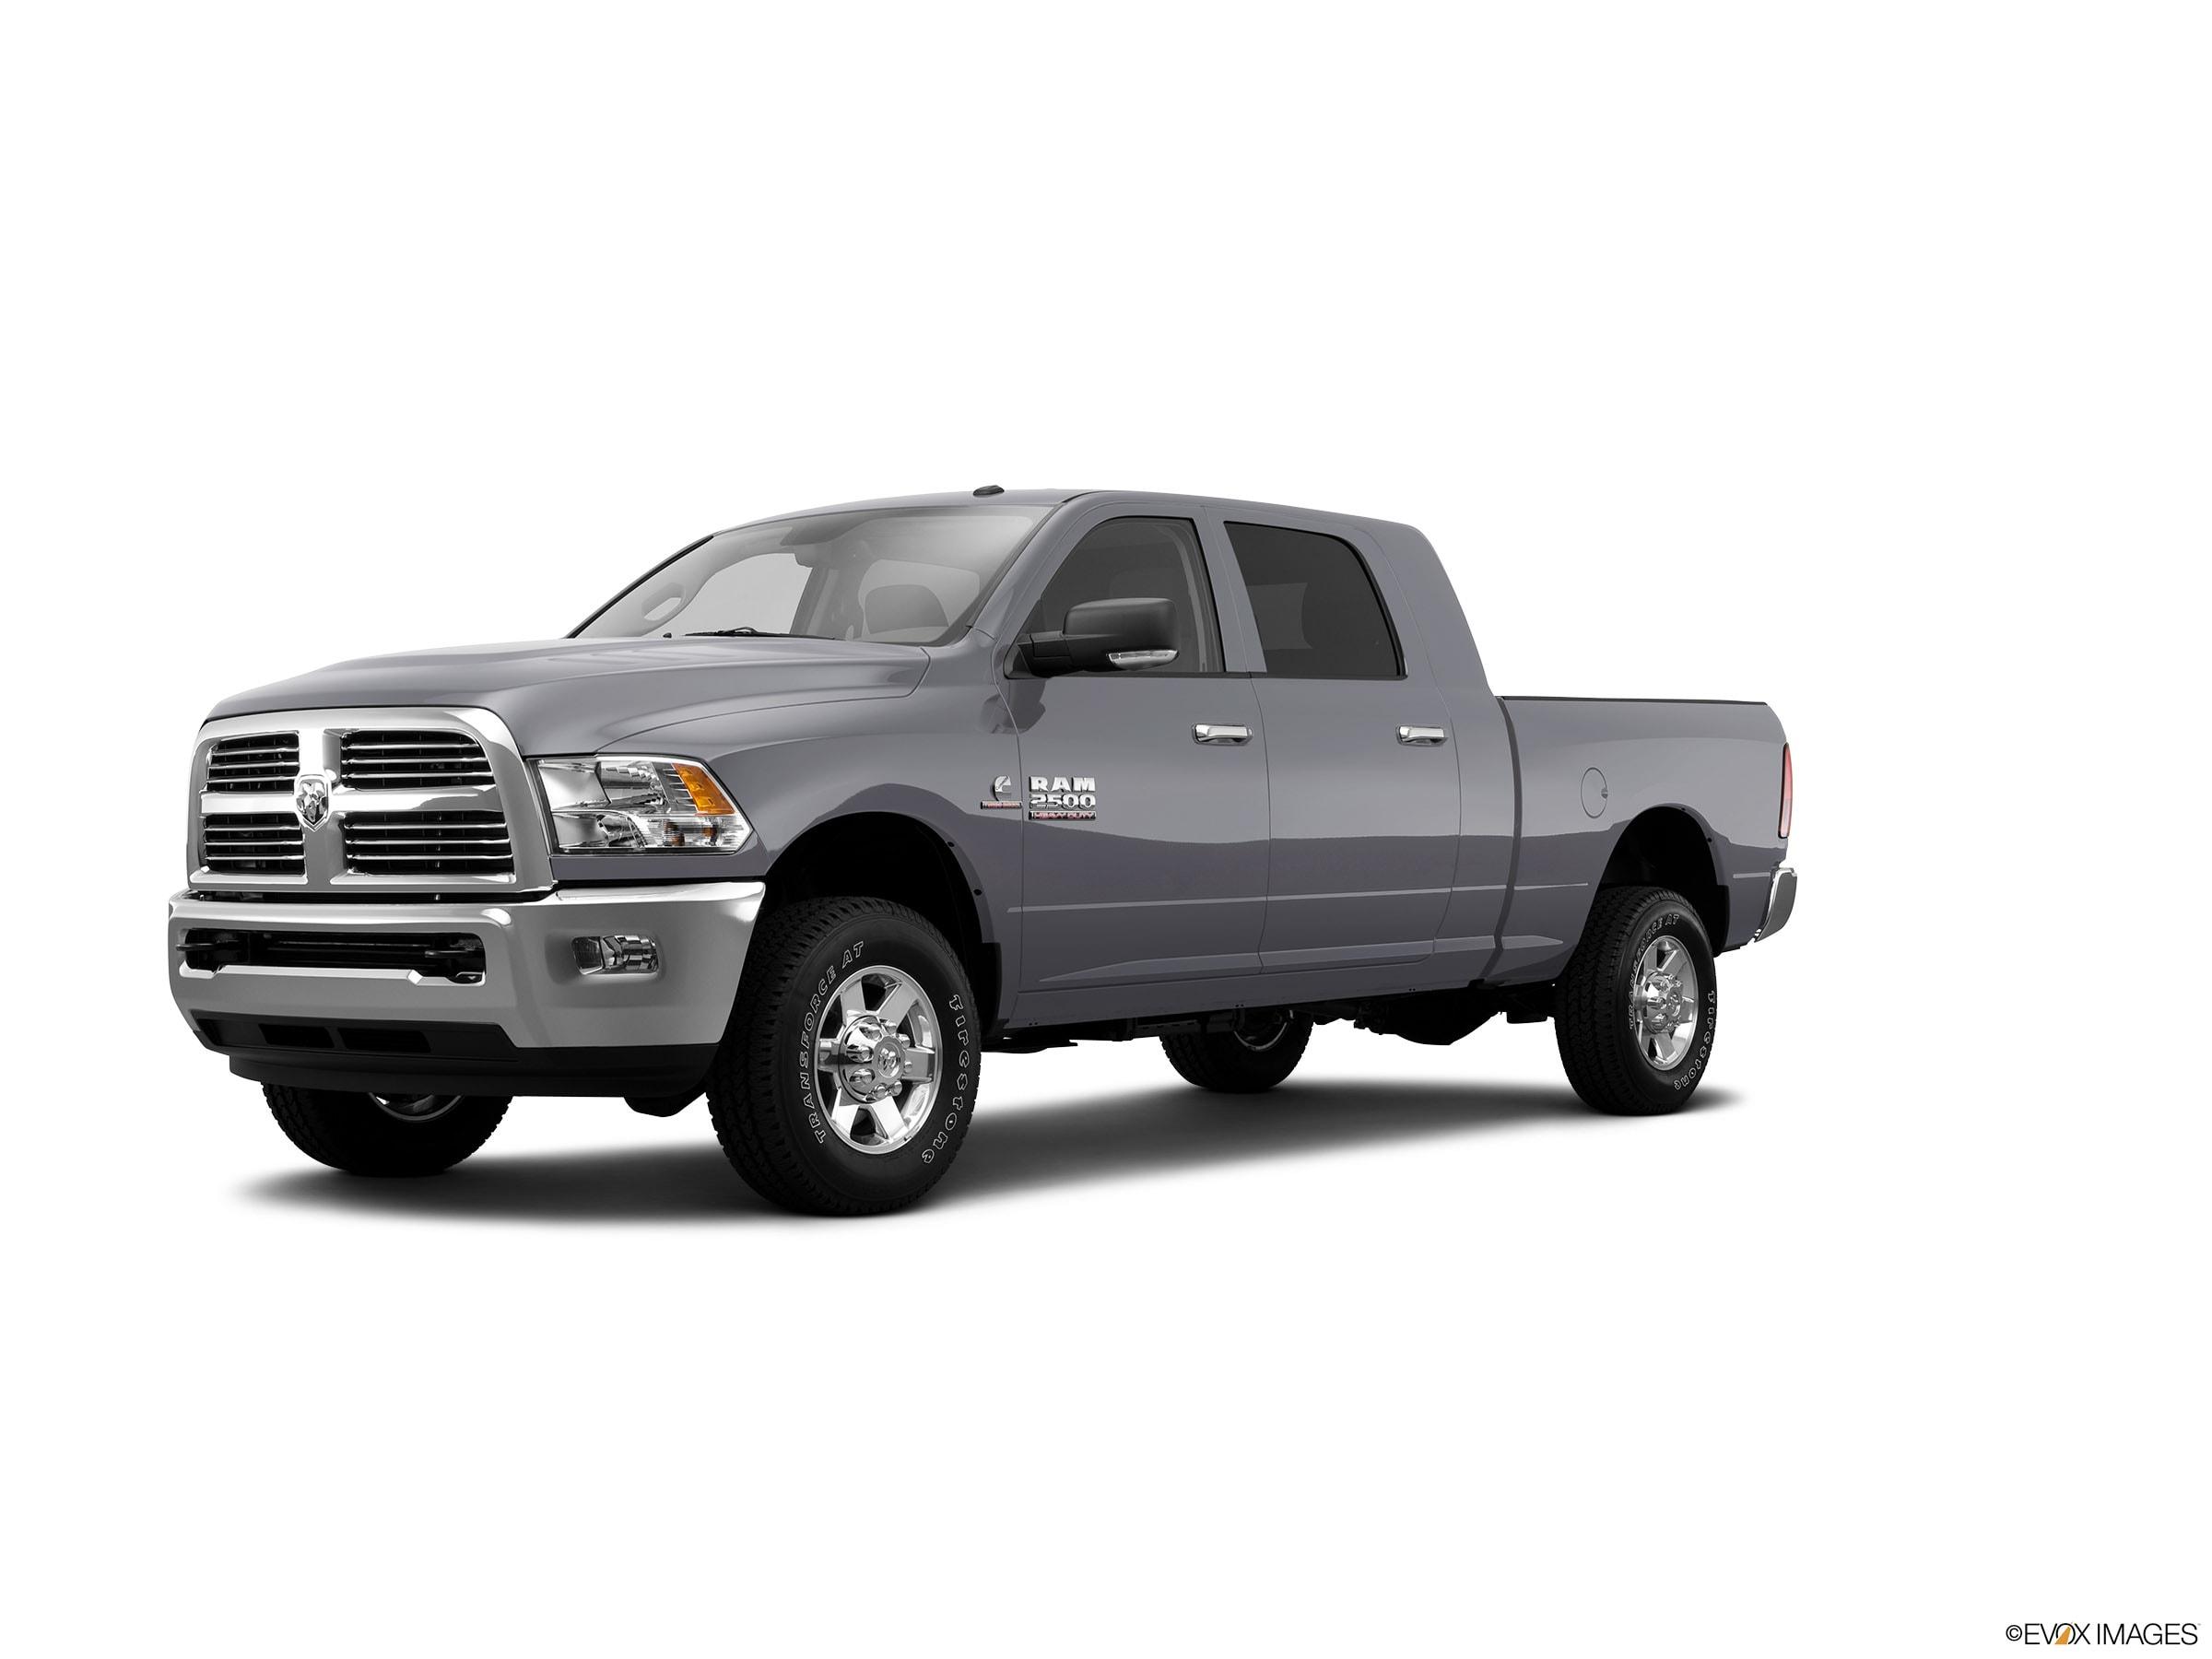 2013 Ram 2500 Truck